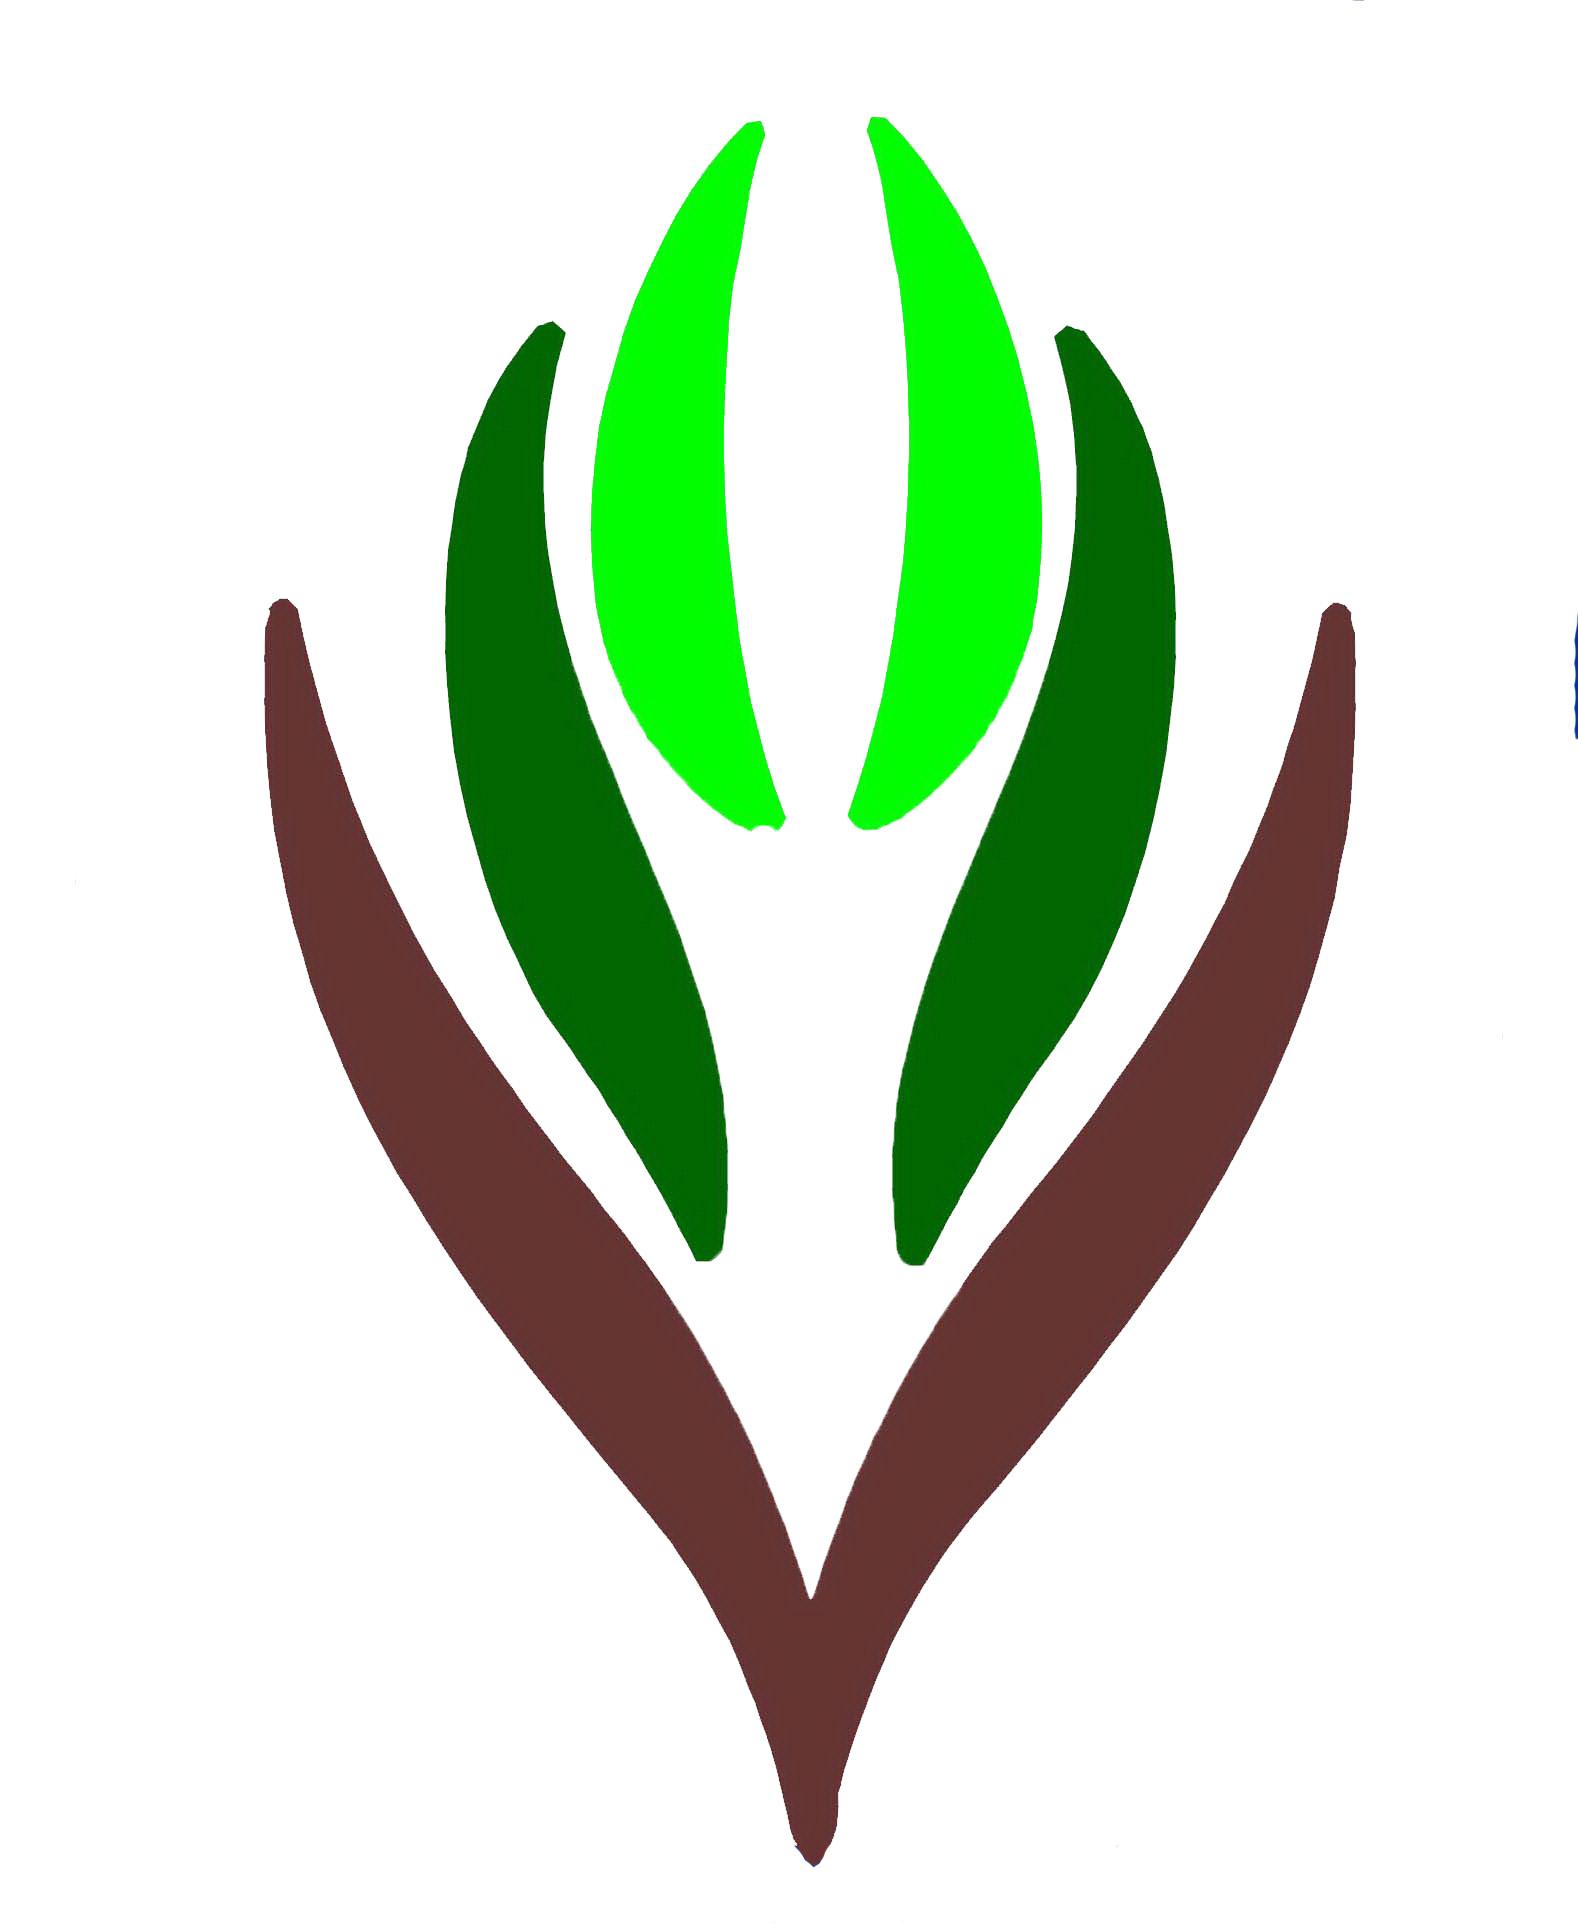 صورة لجنة التنمية بأشيقر تجسد المسؤولية الاجتماعية